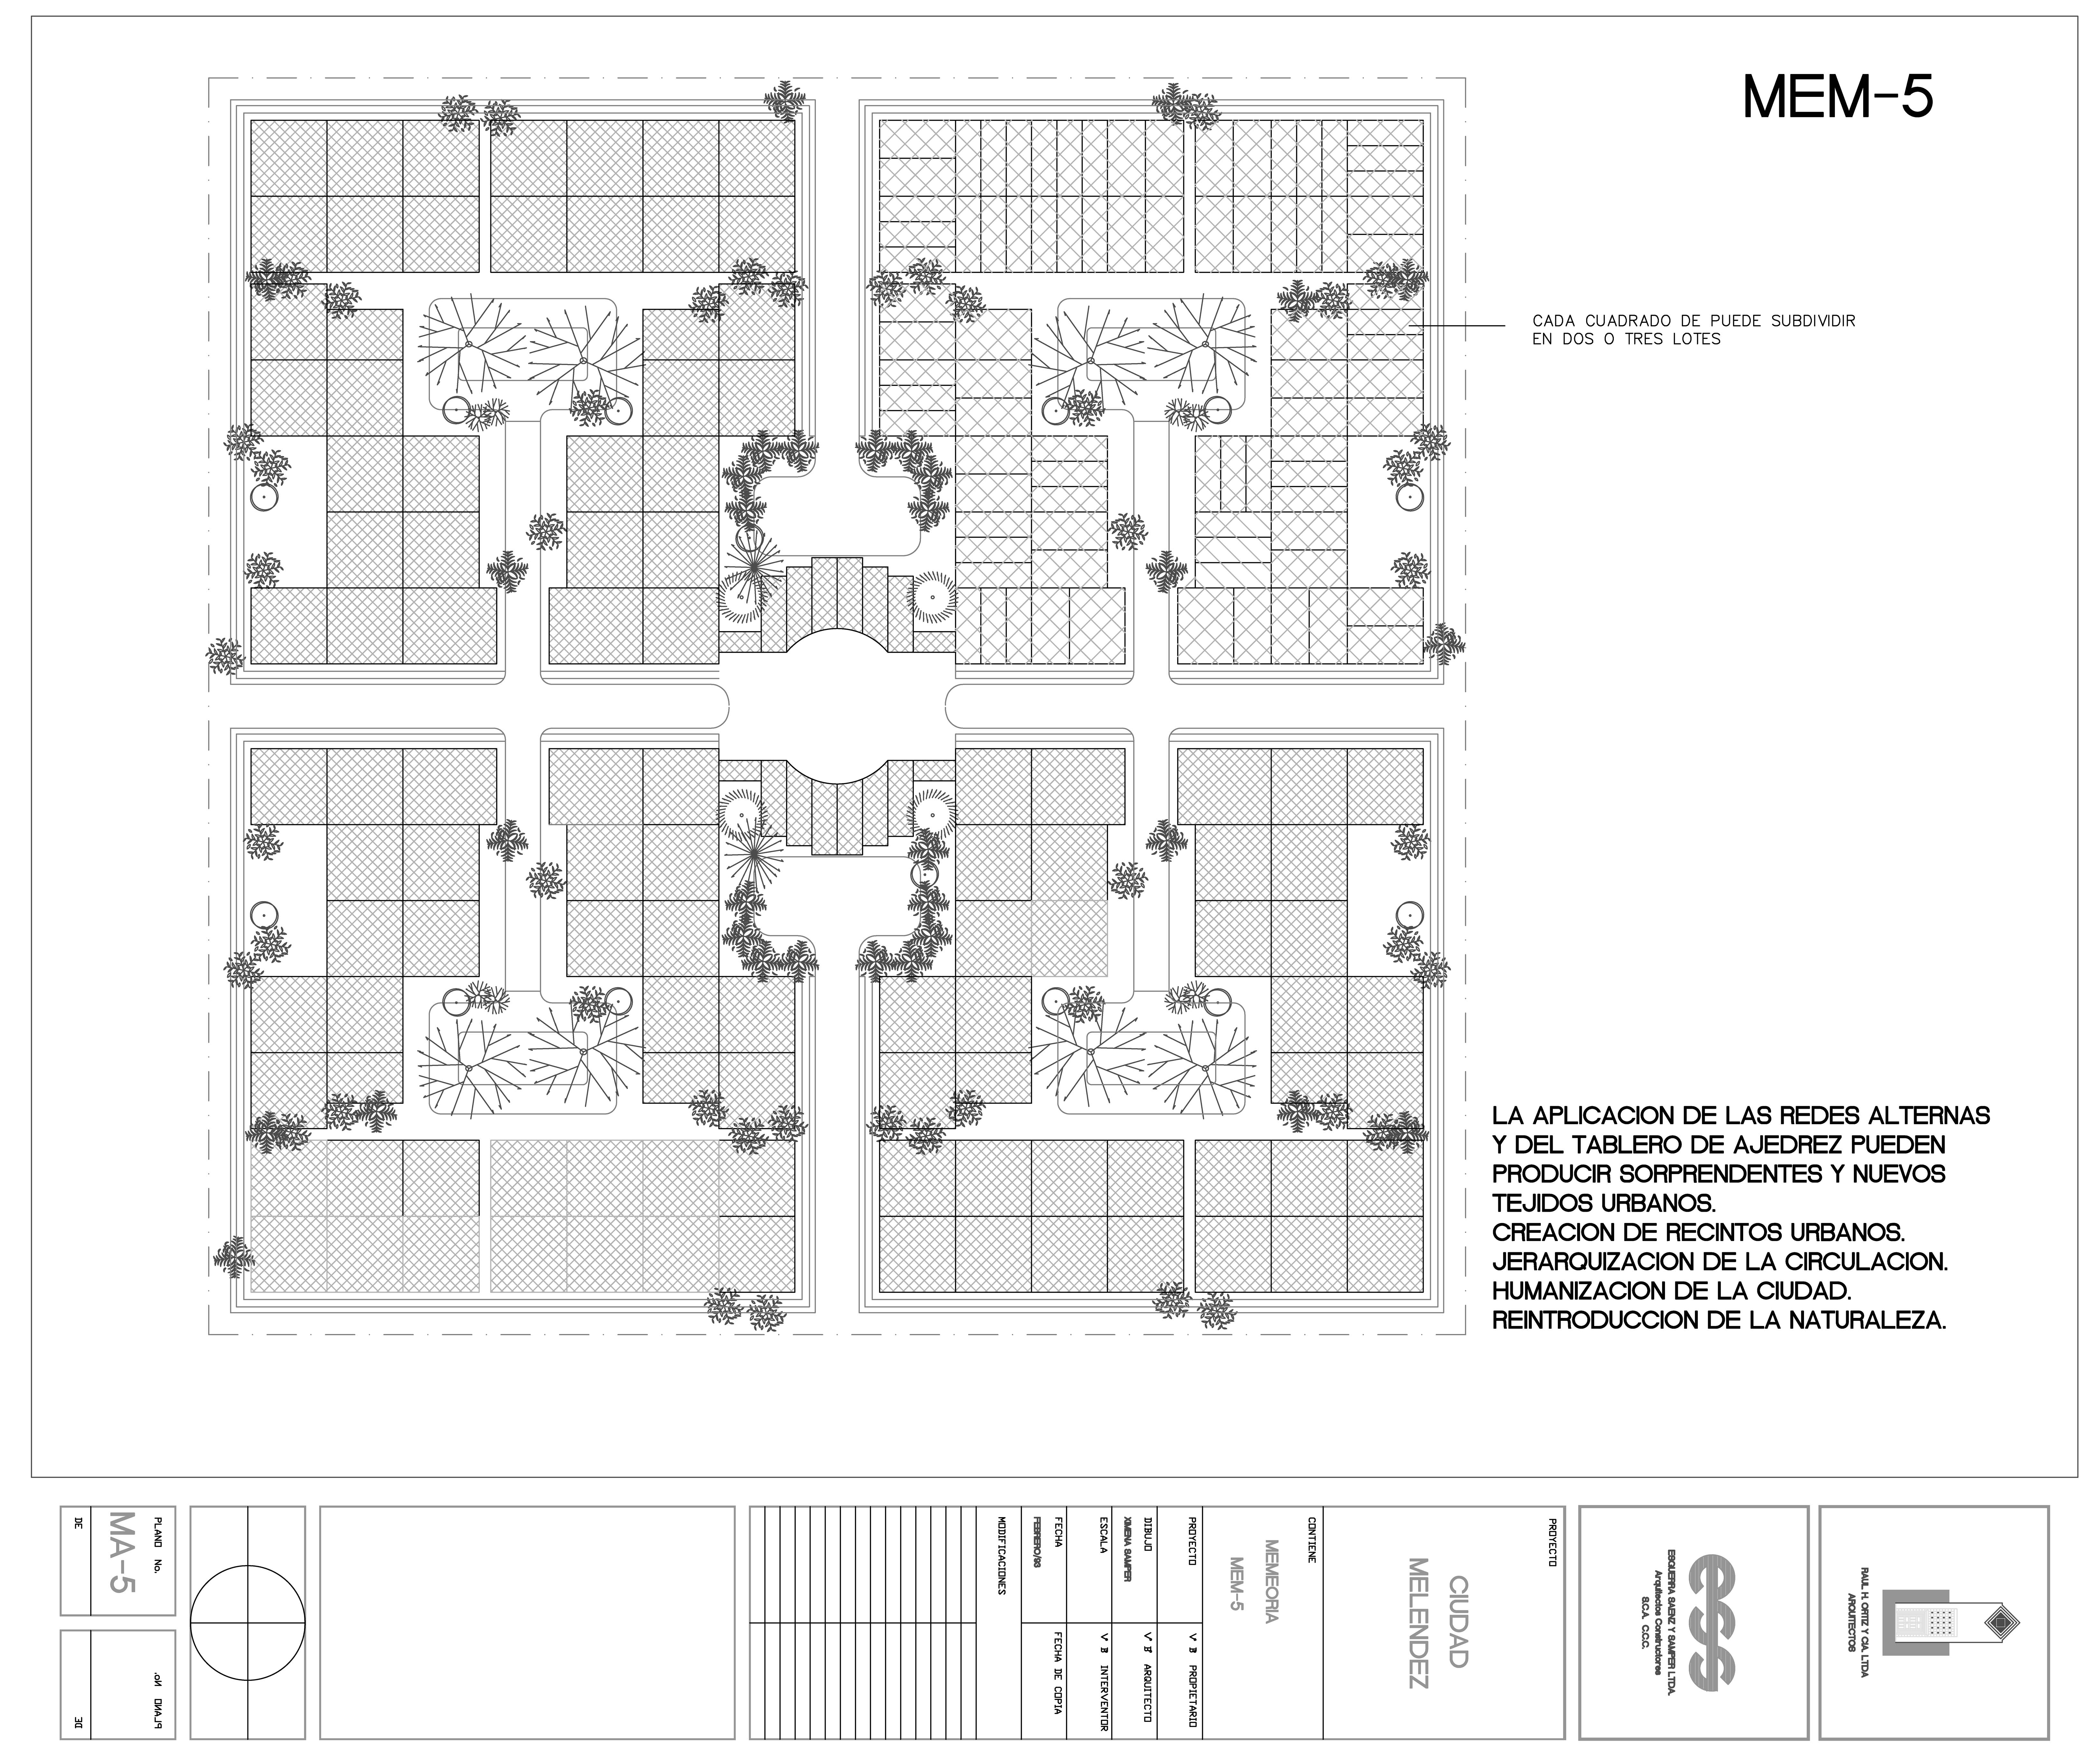 CM-Memoria-P5 Model (1).jpg